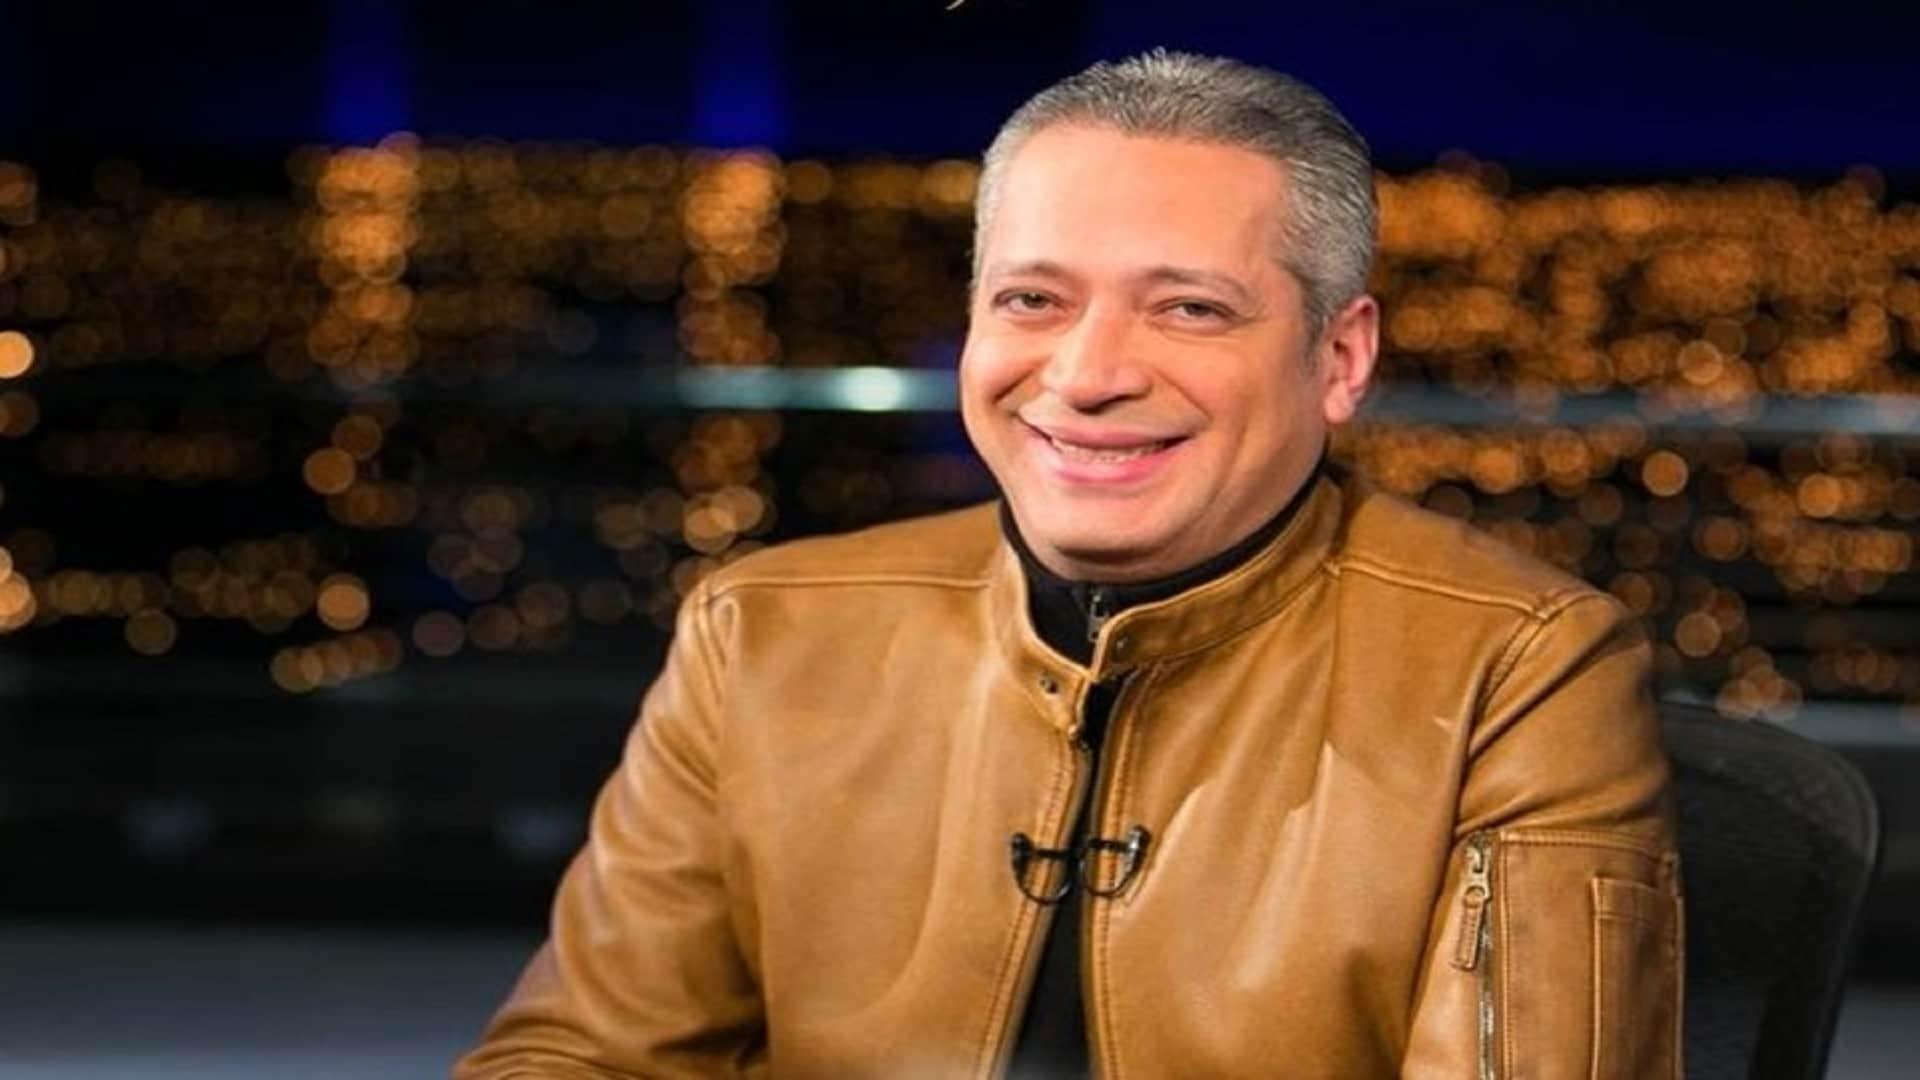 الاعلامي تامر أمين يخوض في عرض نساء صعيد مصر